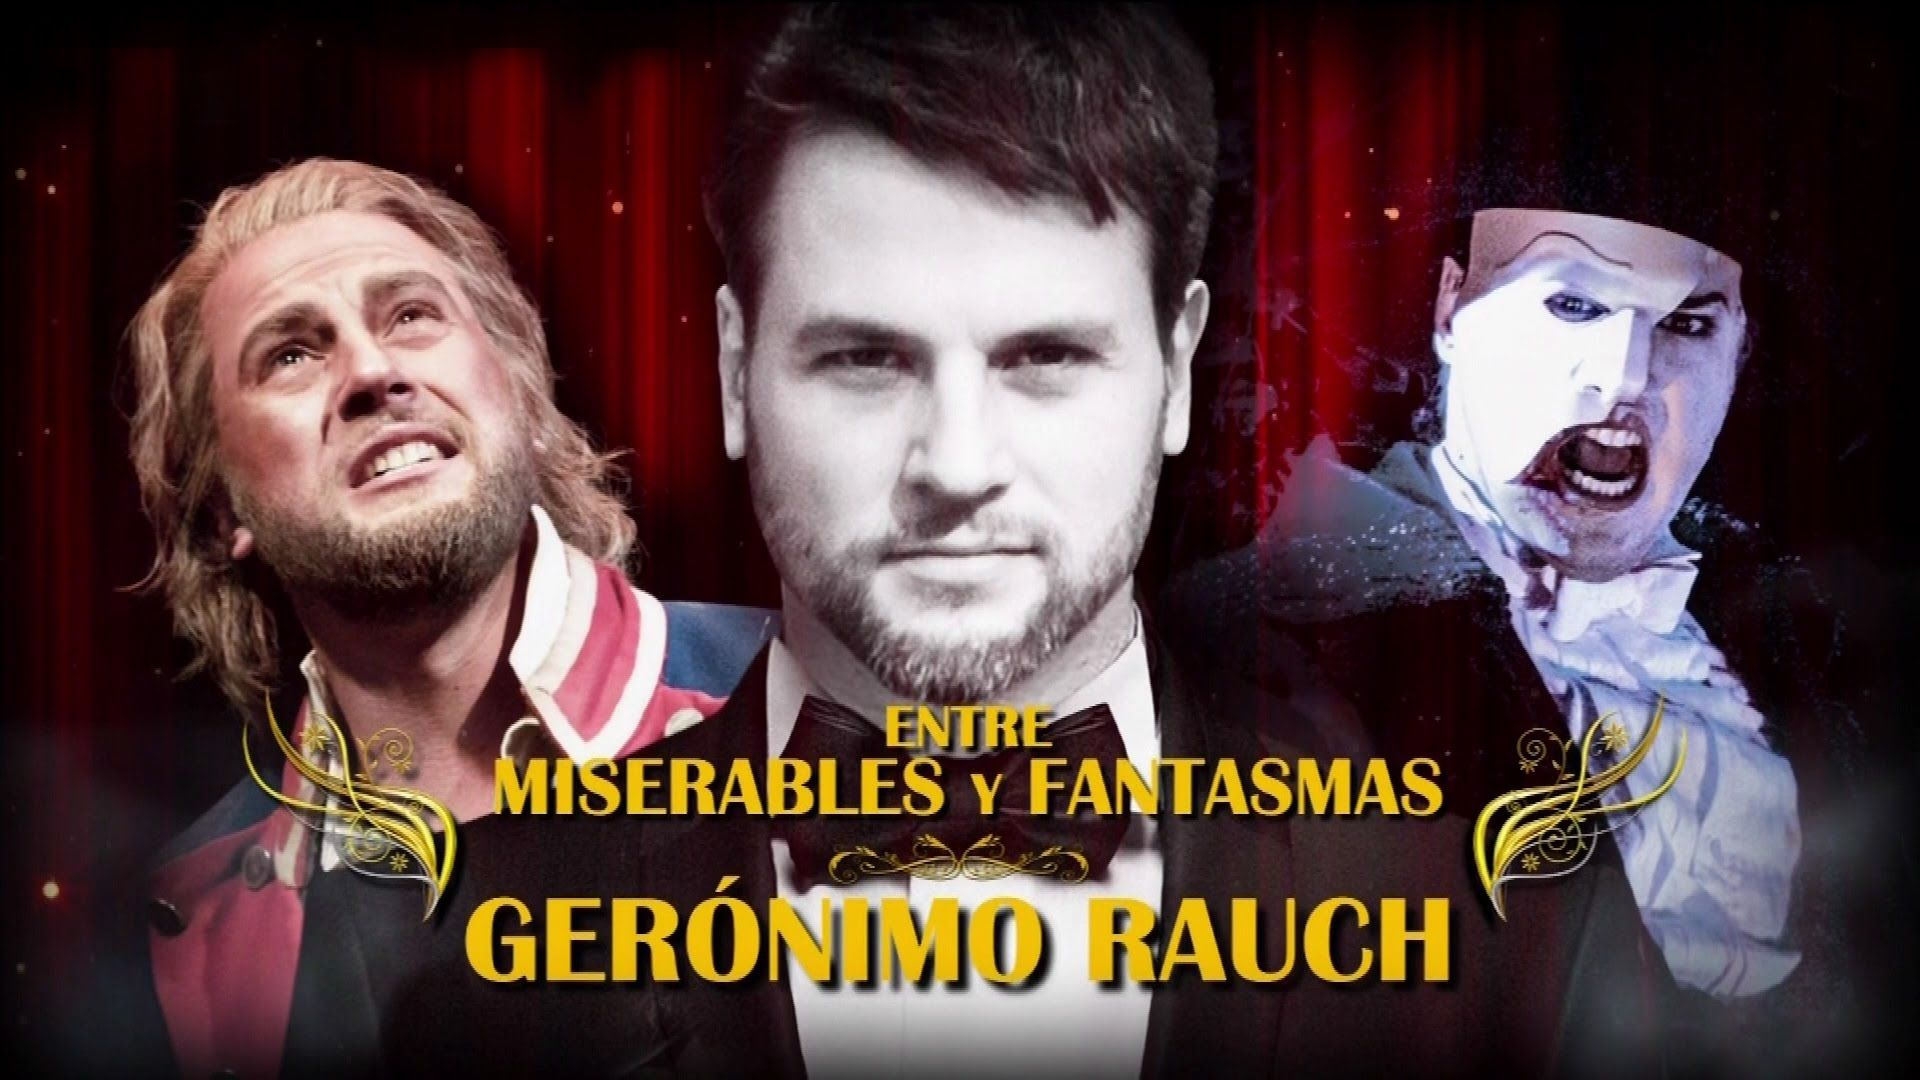 """Gerónimo Rauch """"Entre miserables y fantasmas"""" (Completo - HD)"""